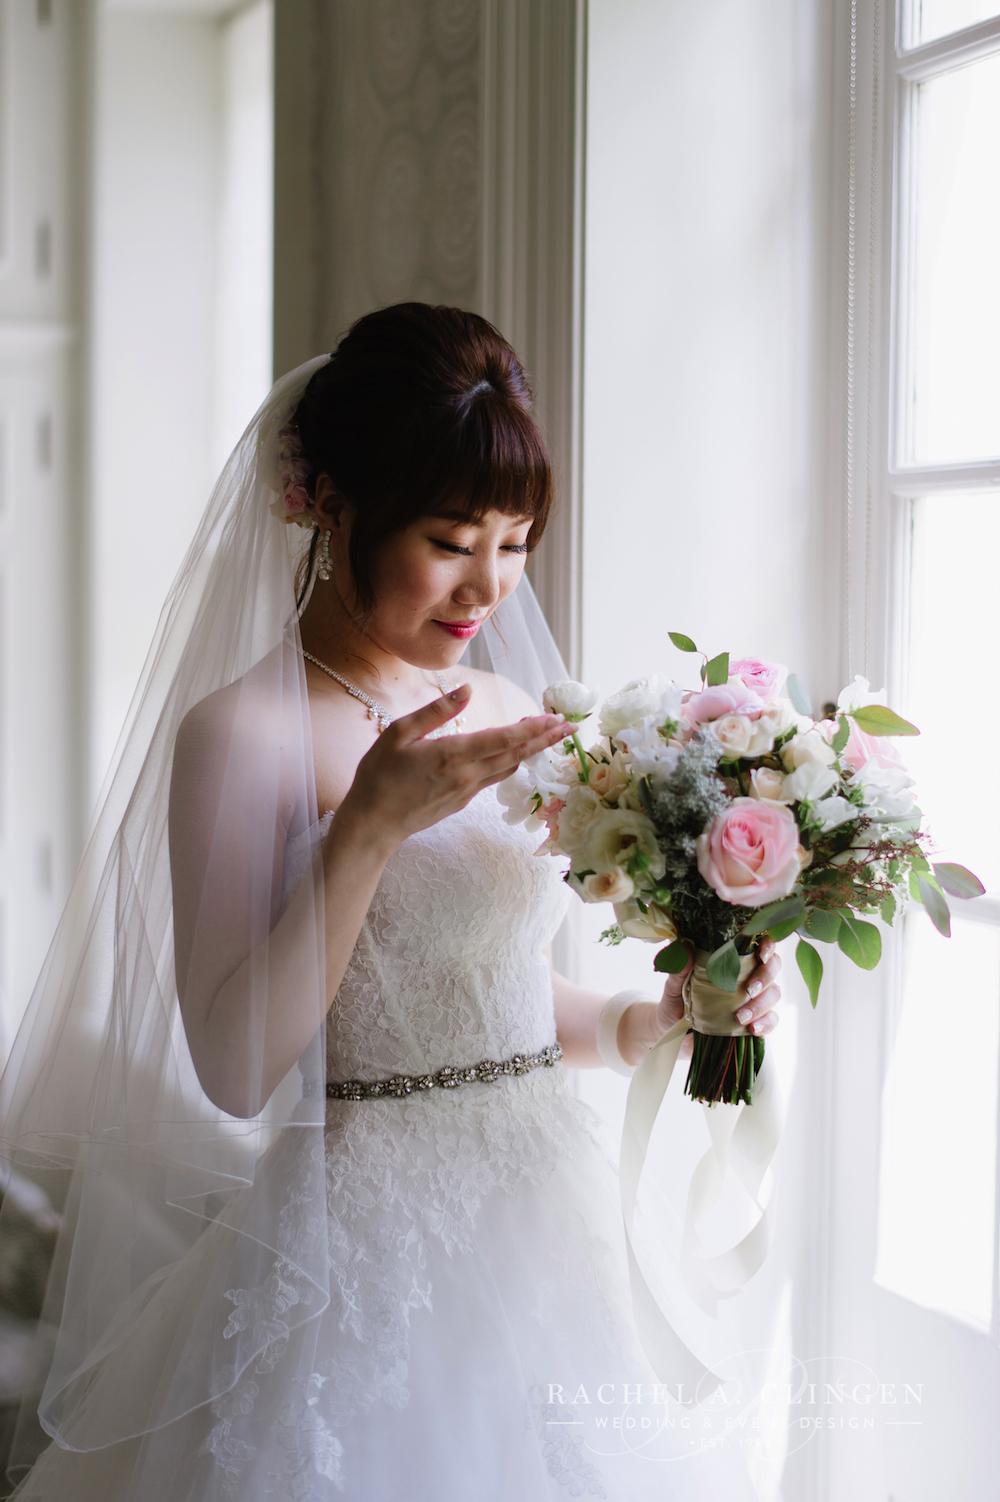 bridal-bouquets-rachel-a-clingen